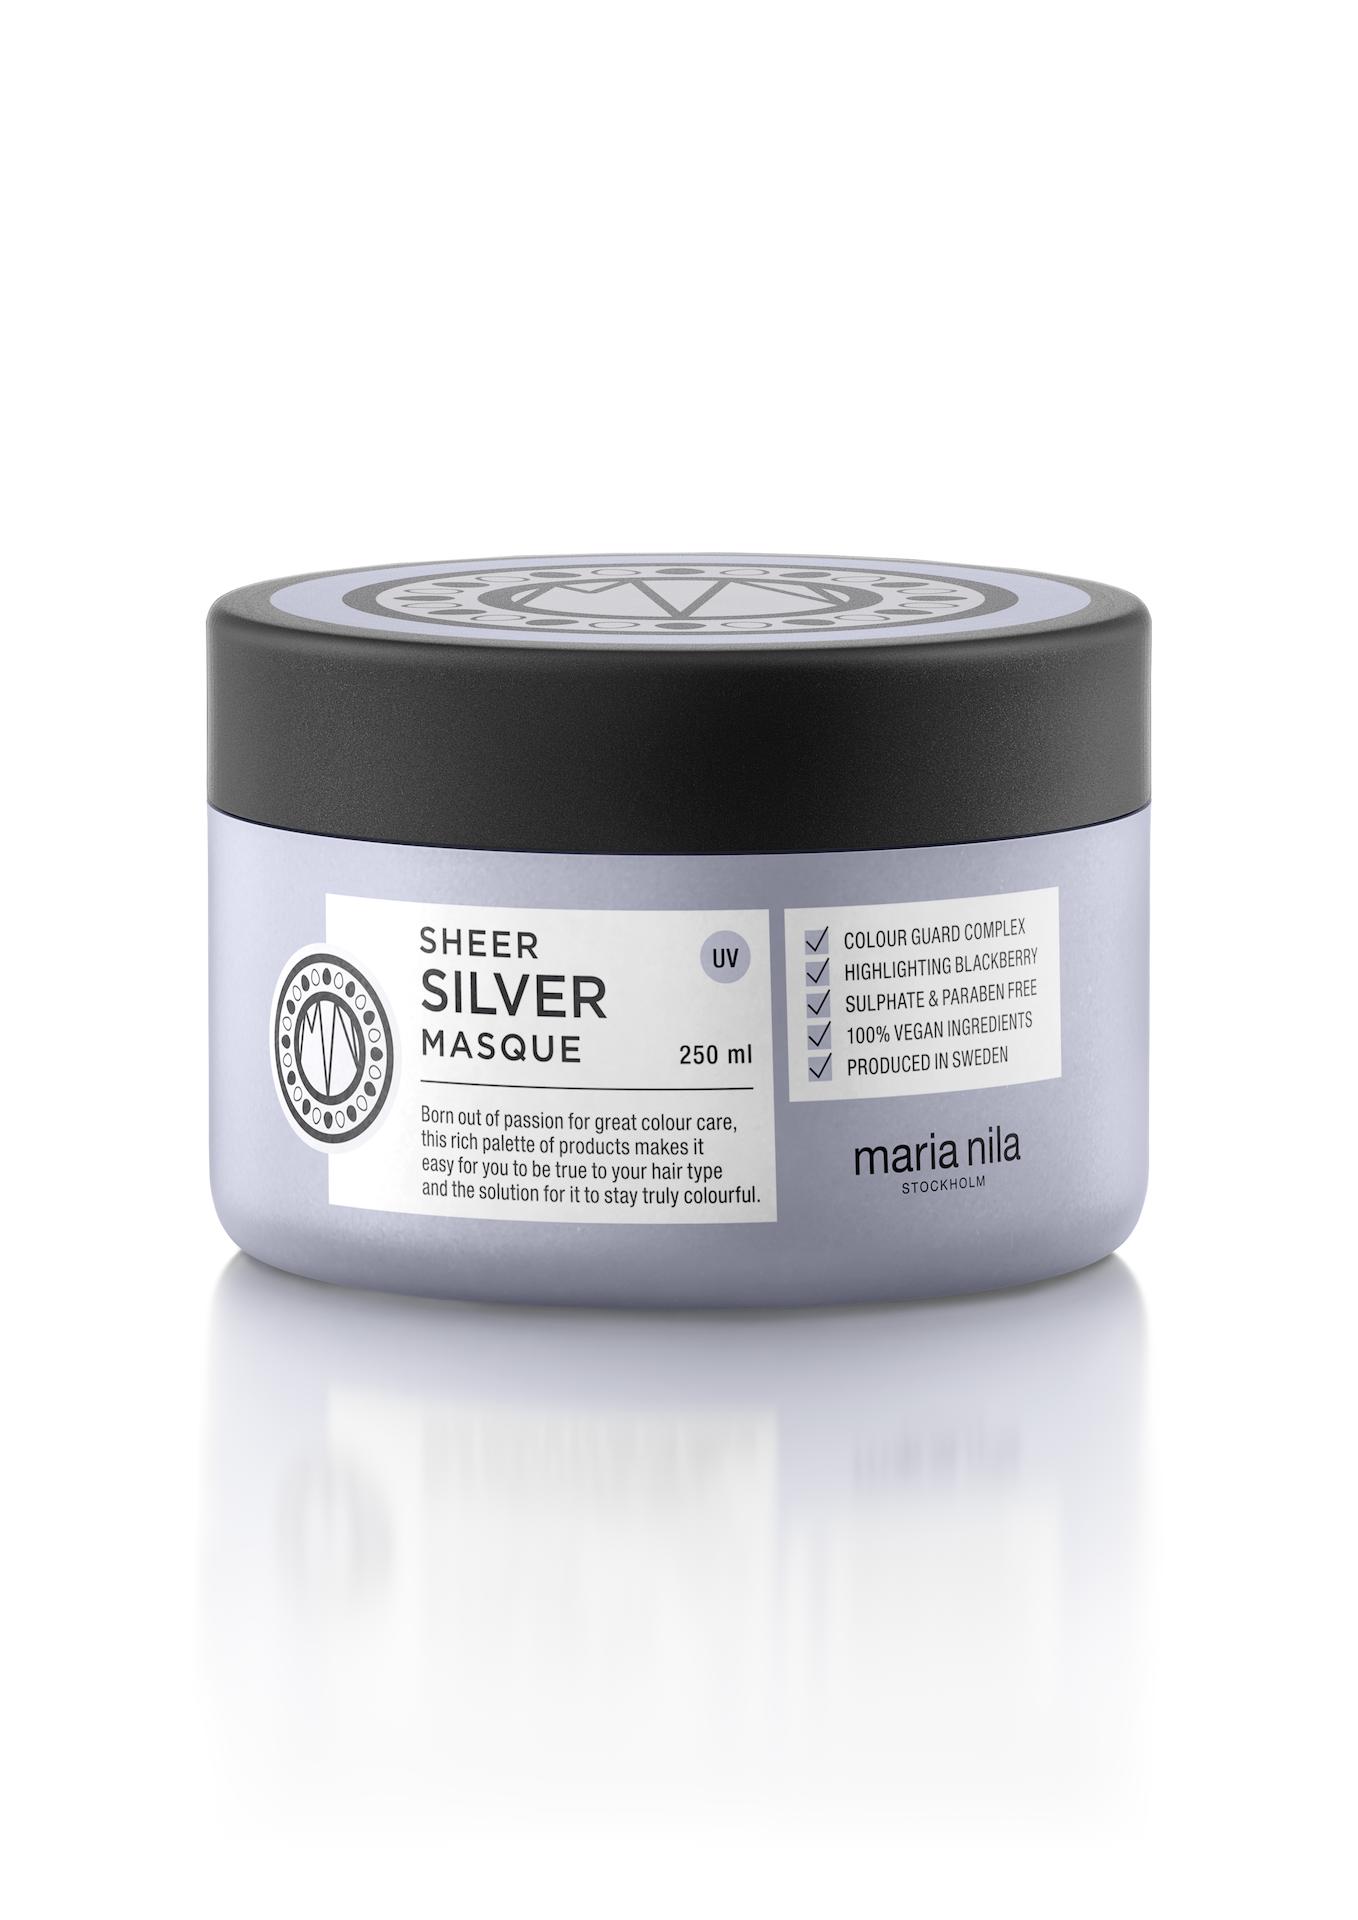 Sheer Silver Masque 250ml